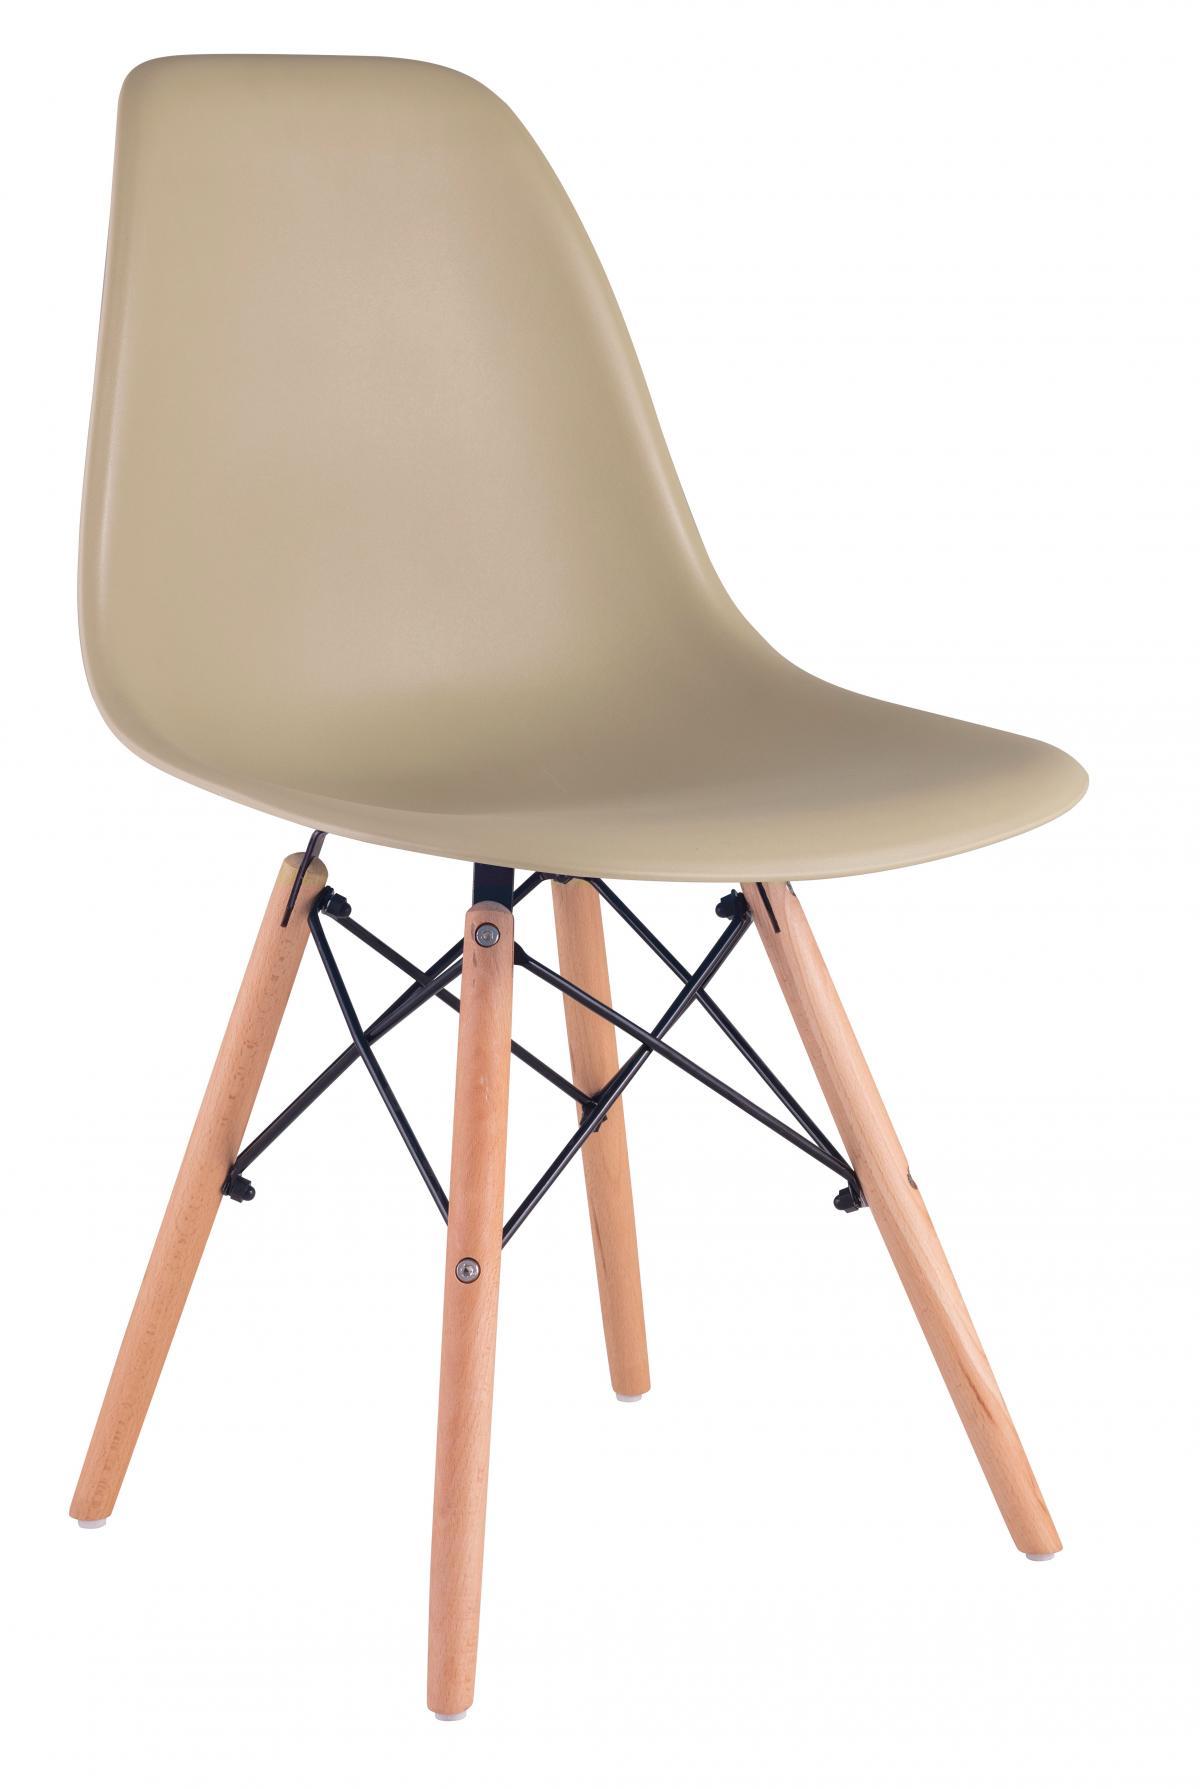 כיסא לפינת אוכל דגם BARI  בז'